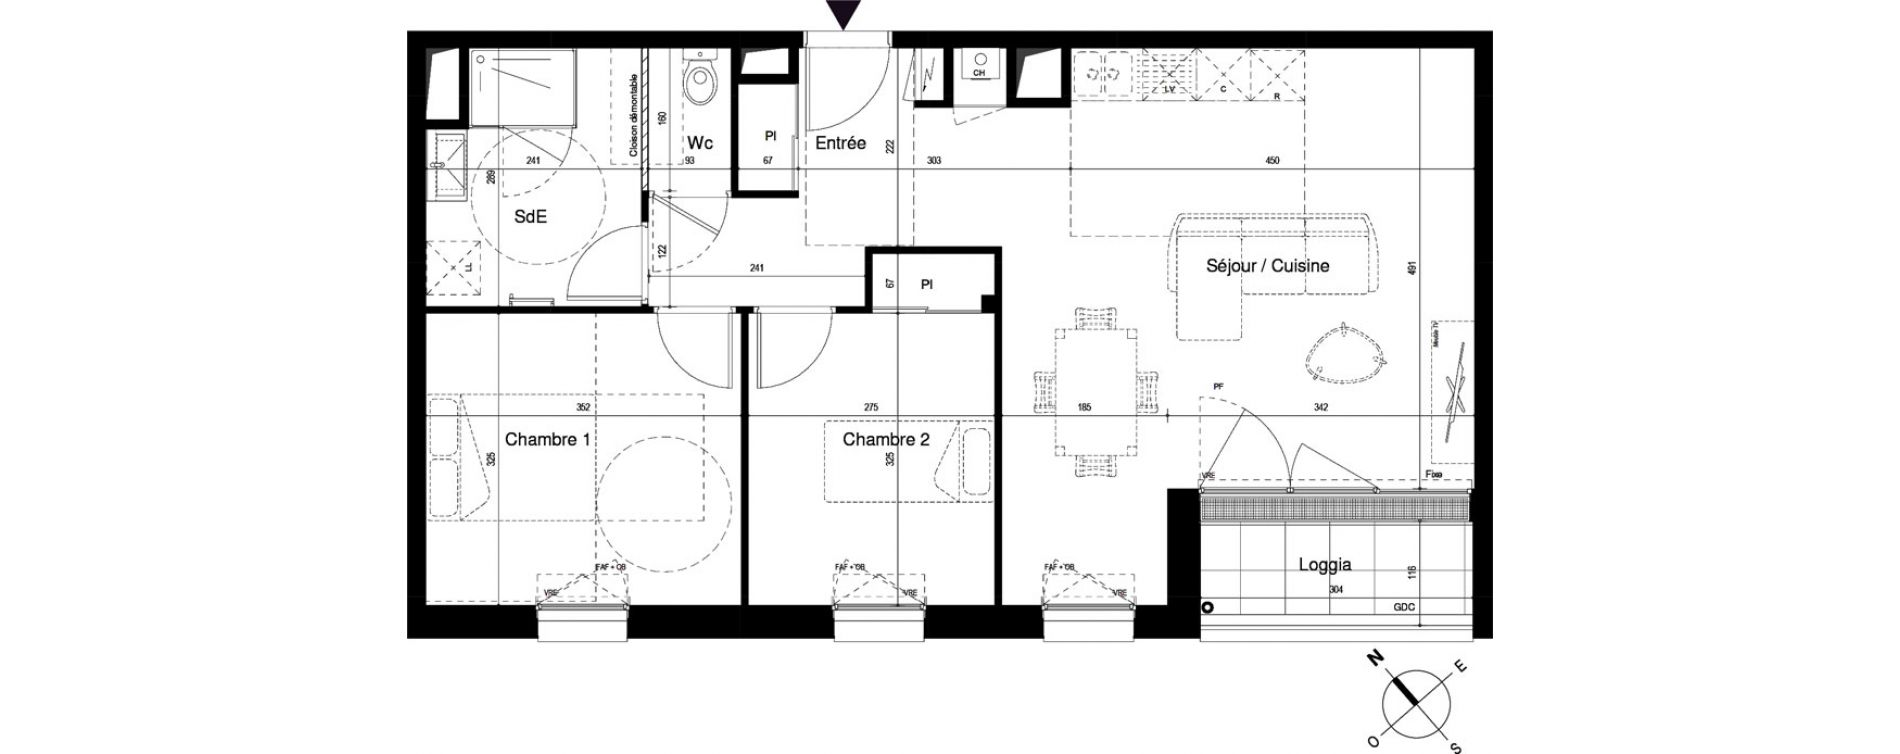 Appartement T3 de 65,17 m2 à Cherbourg-Octeville Cherbourg